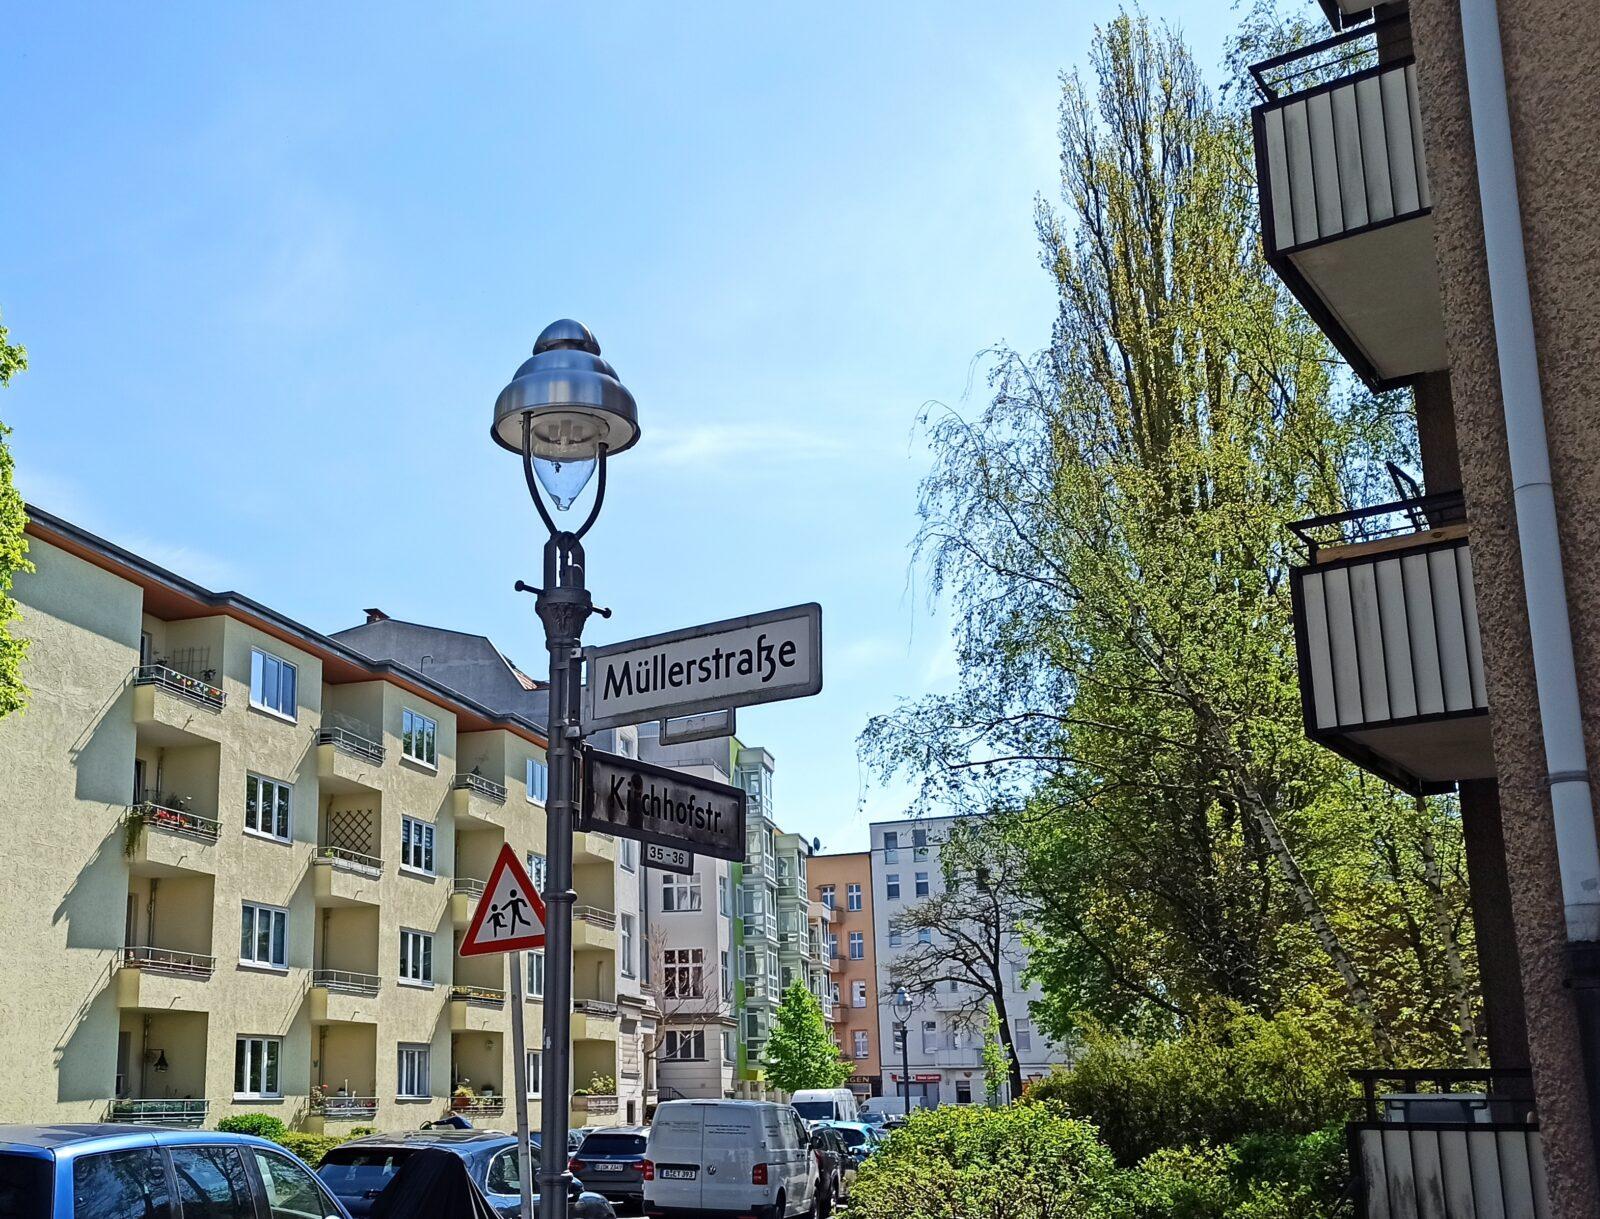 Müllerstraße in Berlin-Spandau